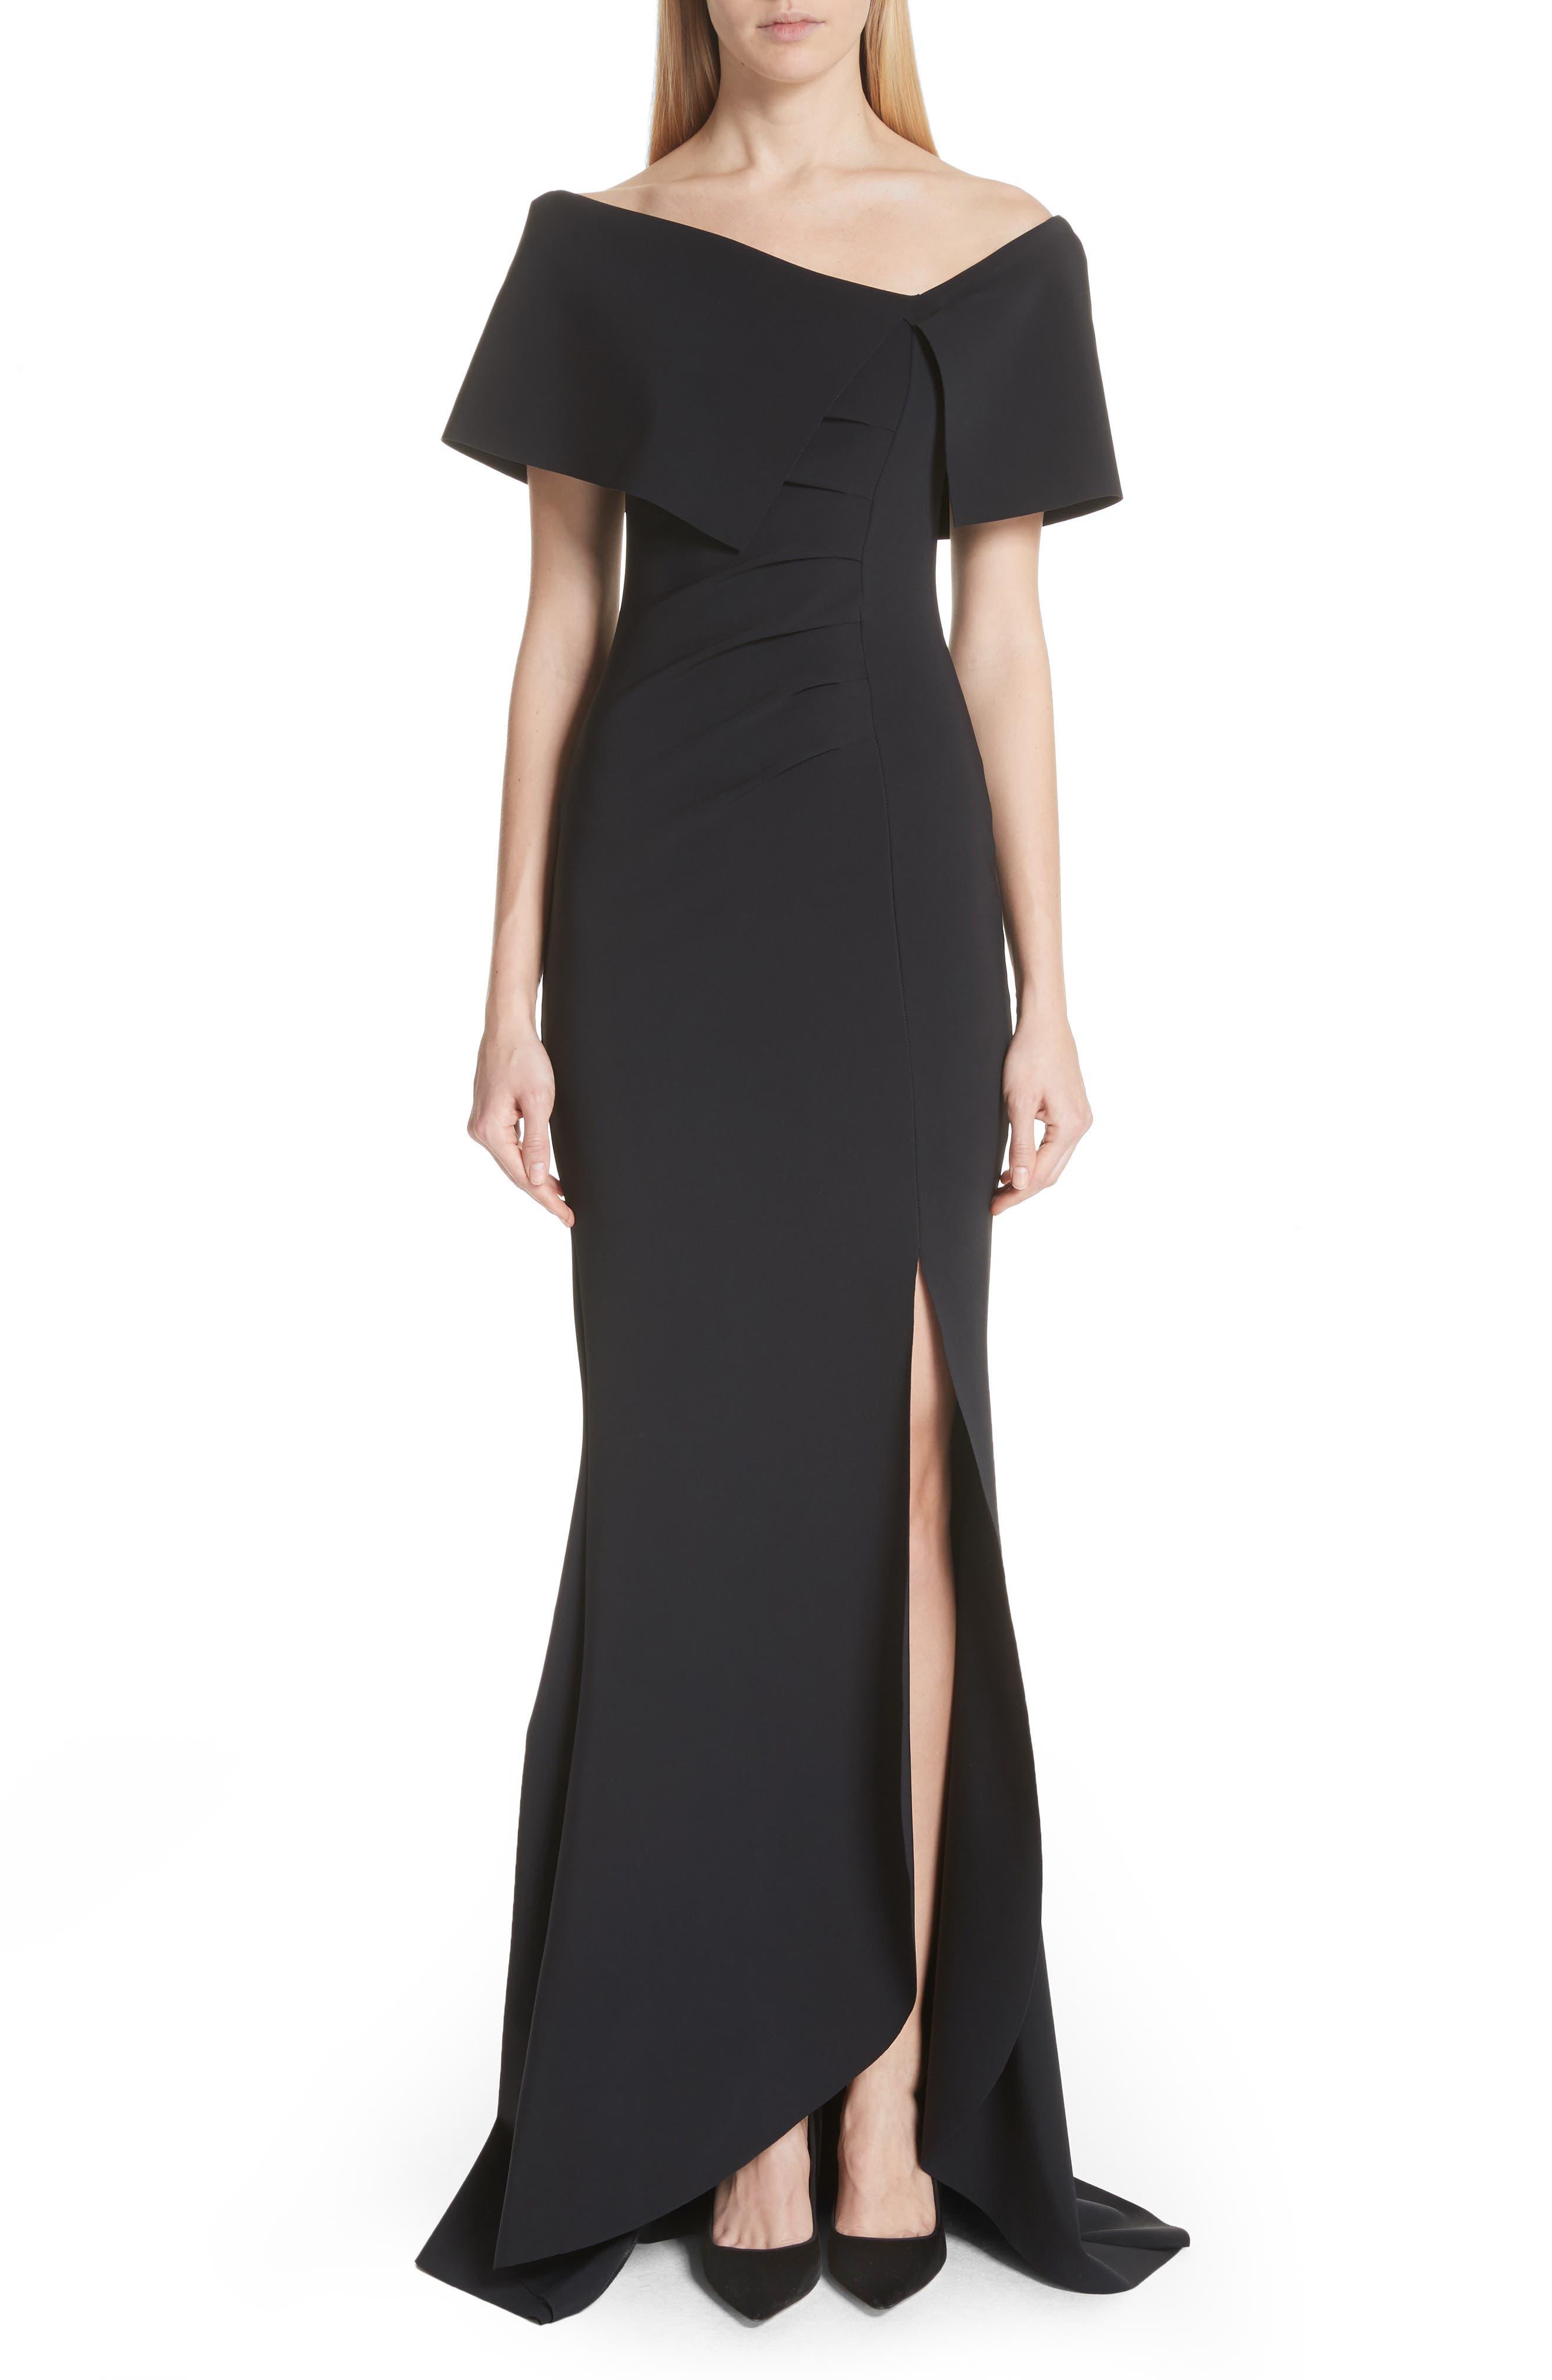 Chiara Boni La Petite Robe Asymmetric Neck Mermaid Gown, 6 IT - Black